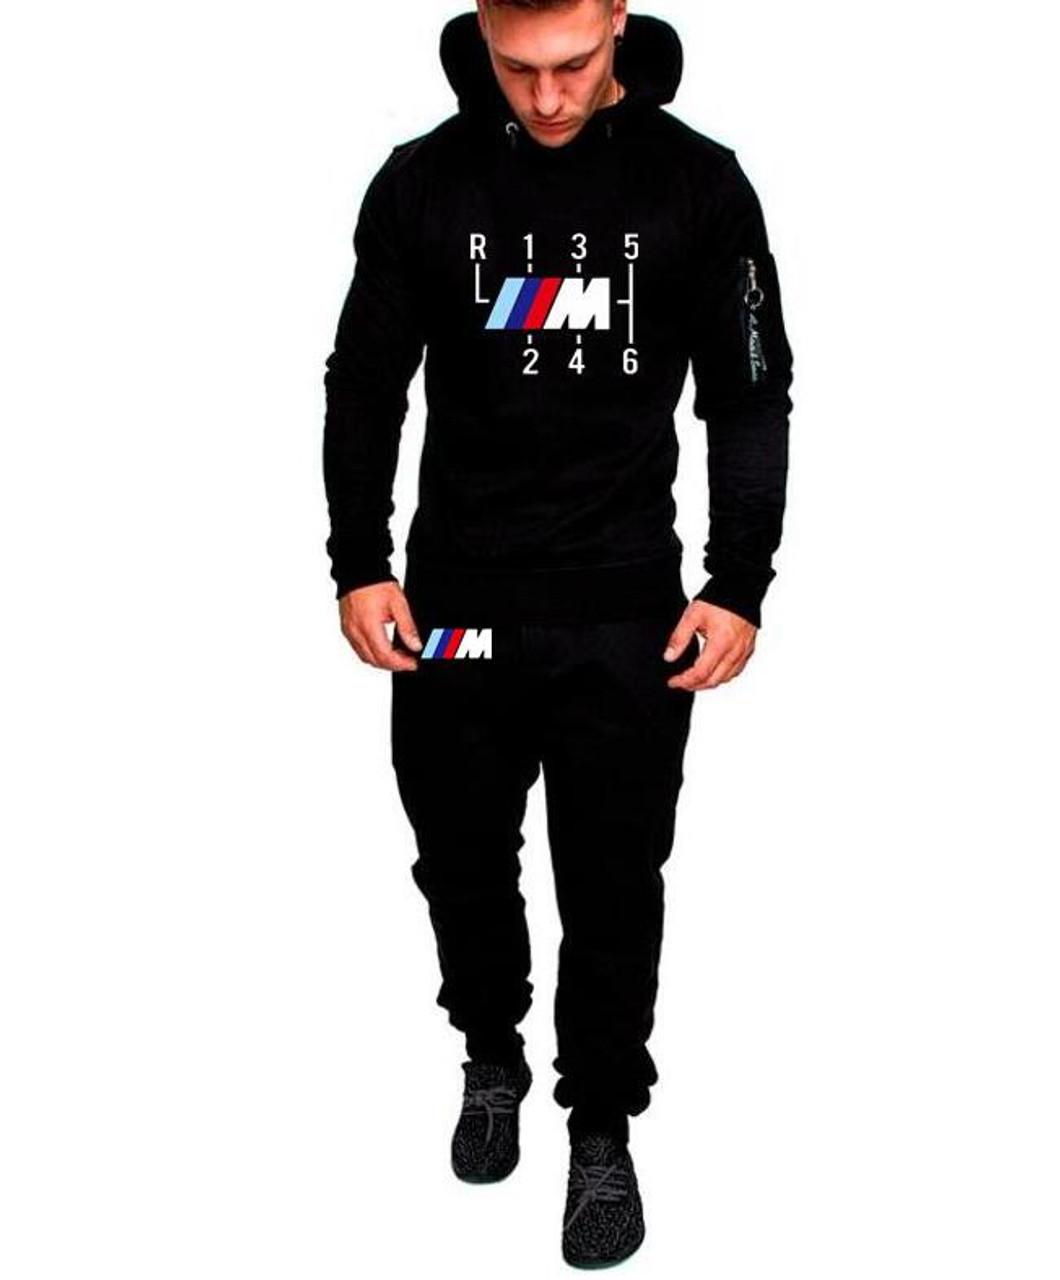 NEW BMW M Power Hoodie Hoody Hooded Sweatshirt Jumper Pullover